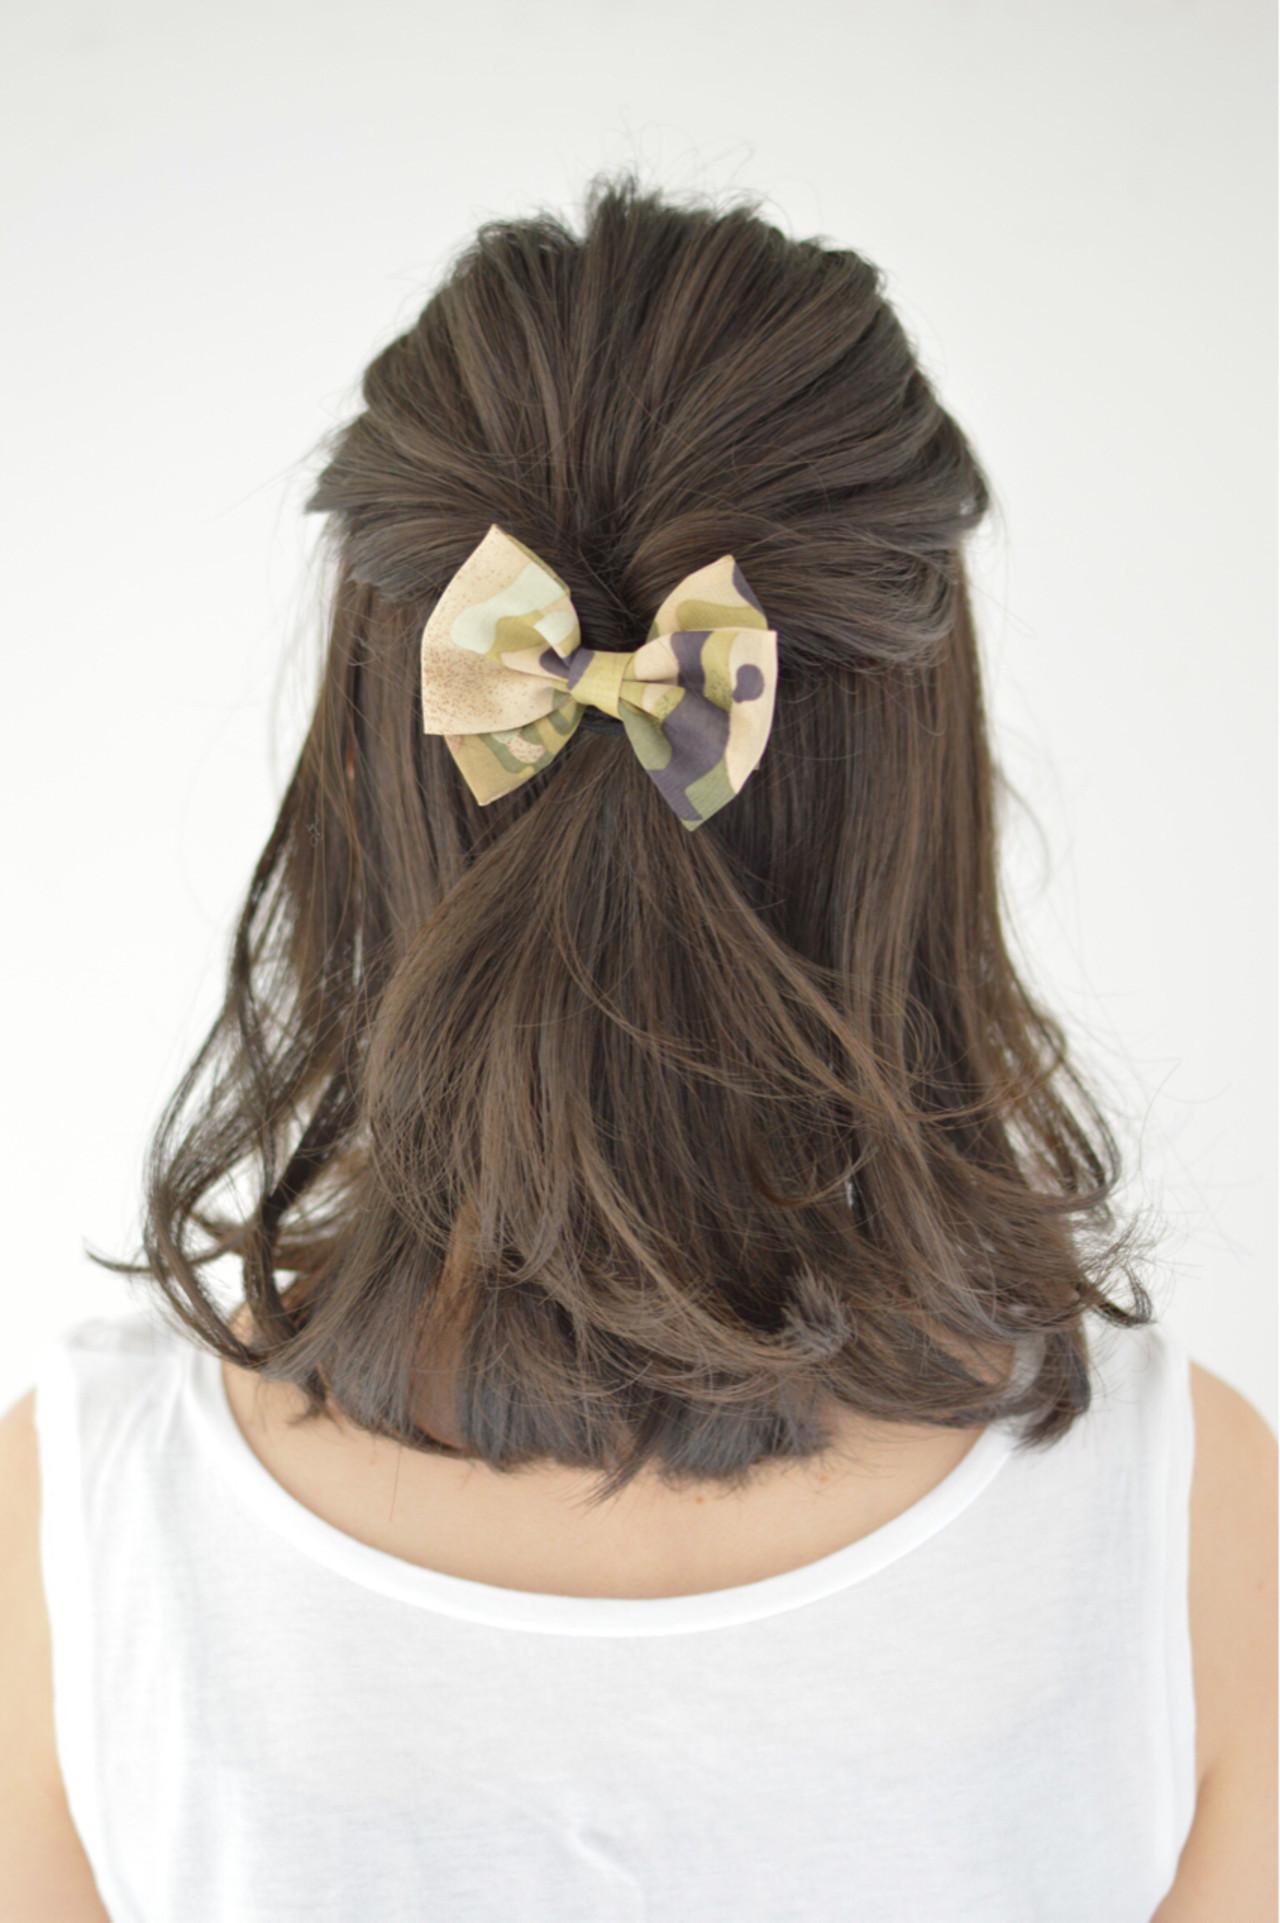 ハーフアップ くせ毛風 ヘアアレンジ ミディアム ヘアスタイルや髪型の写真・画像